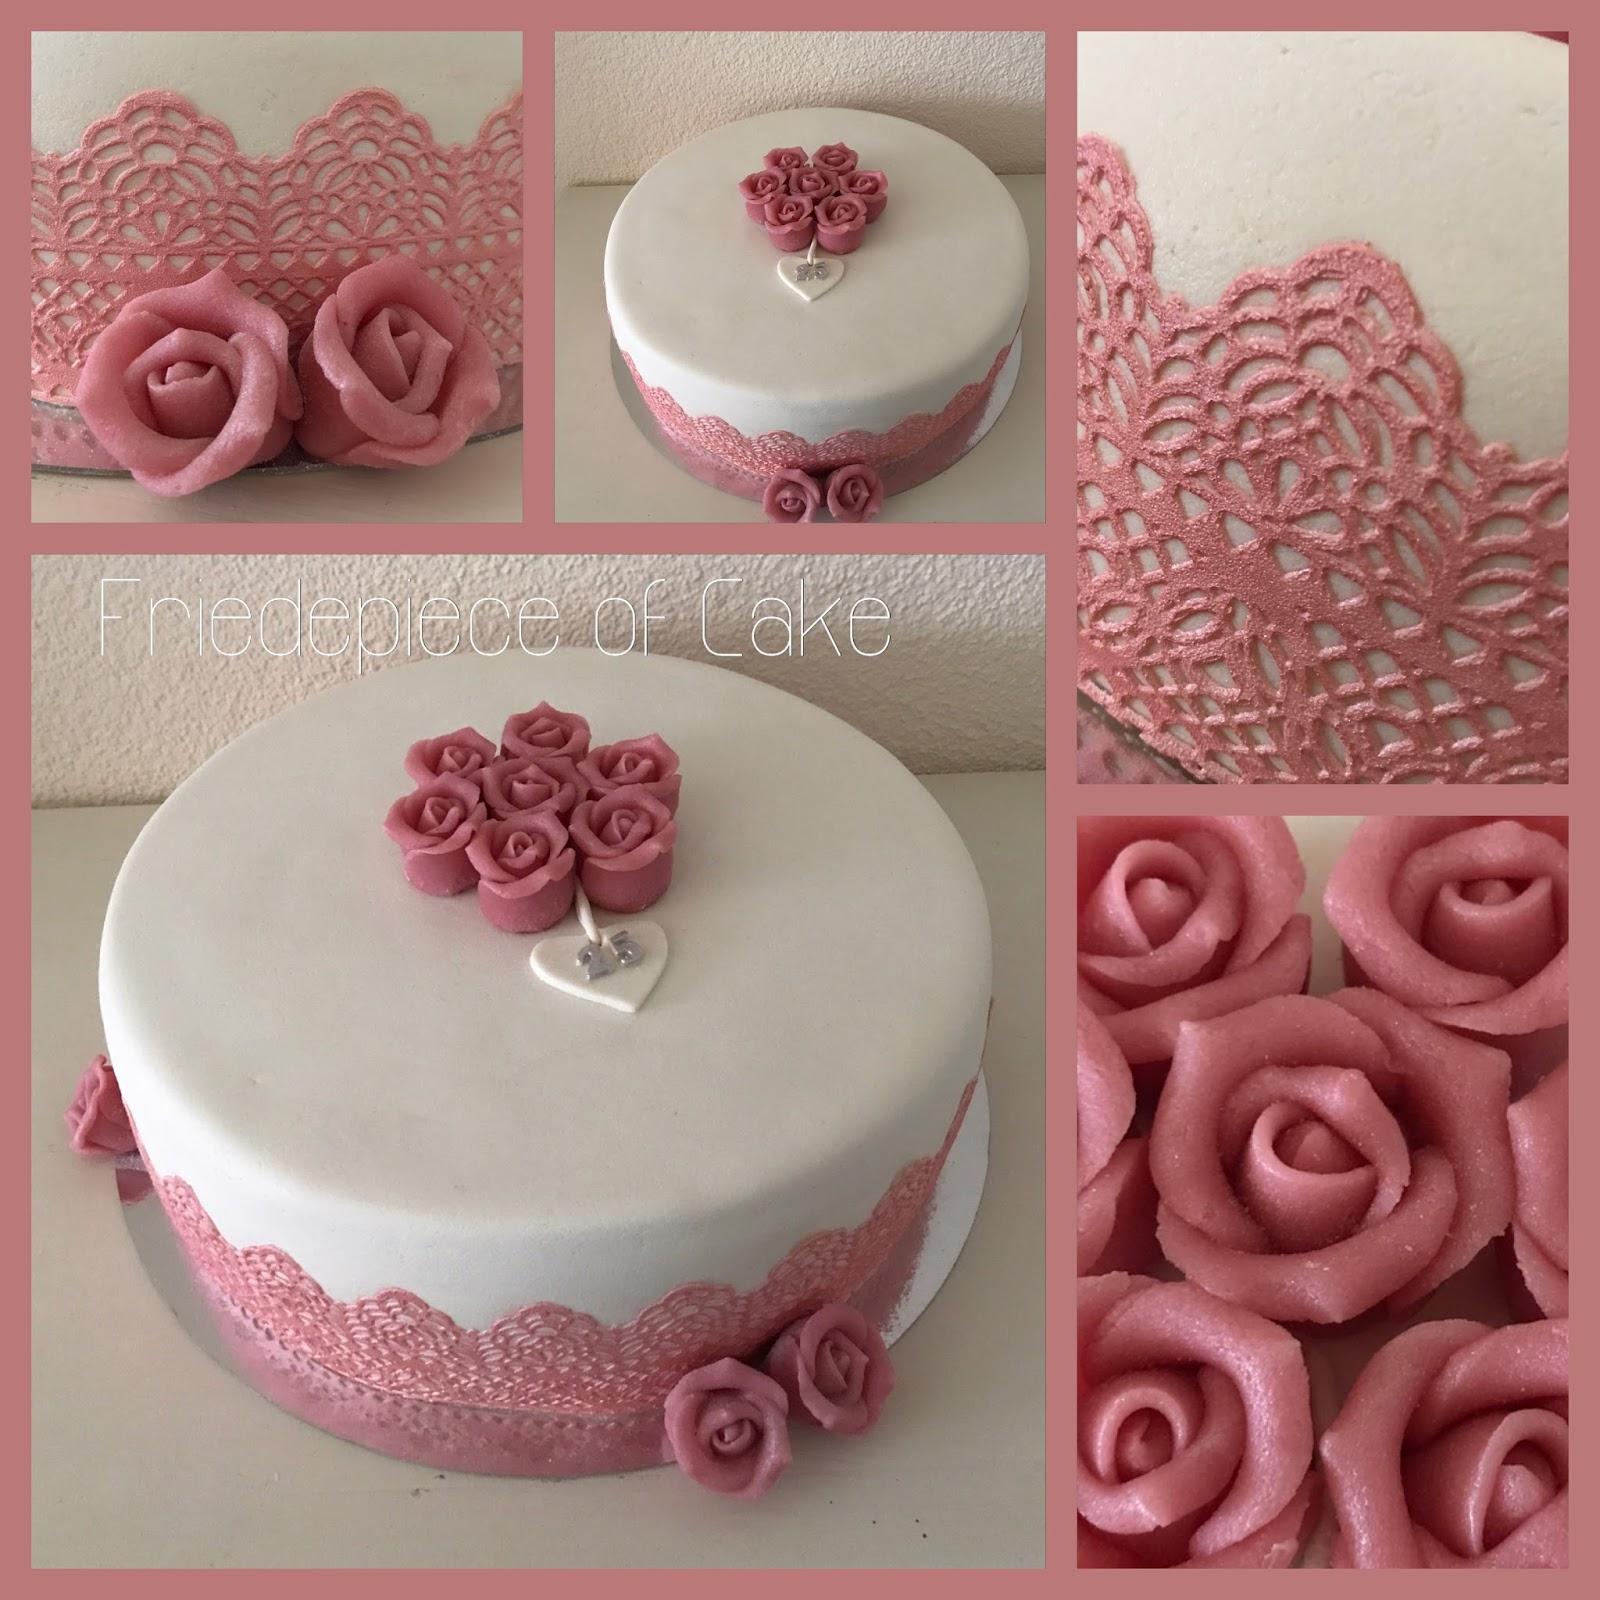 Goede Friedepiece of Cake: 25 jaar getrouwd... LO-78